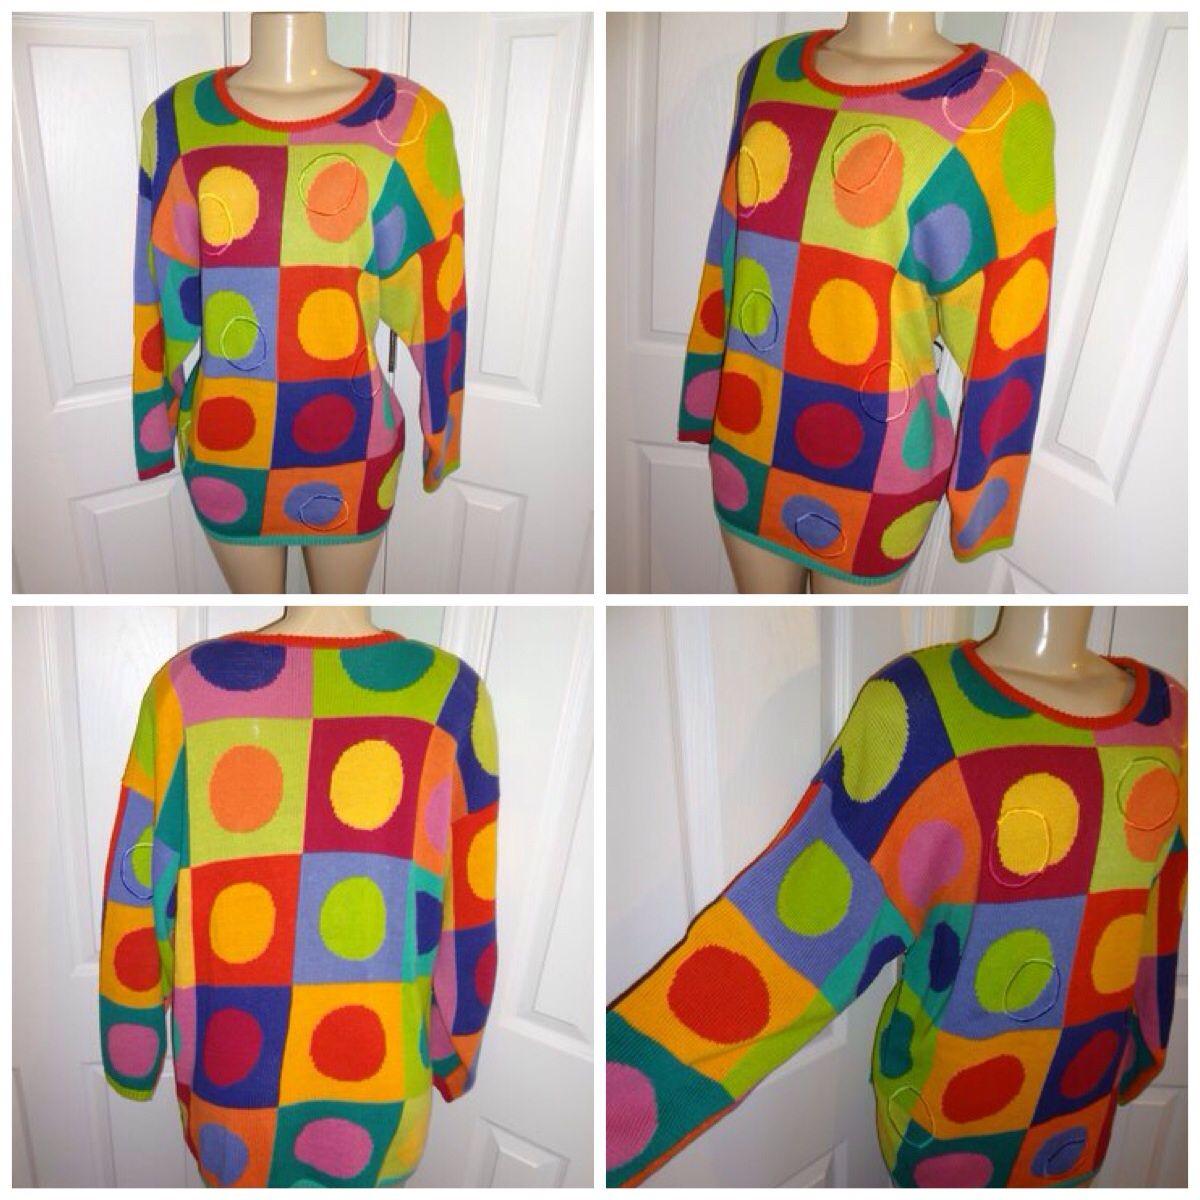 Colorful fun vintage plus size pieces